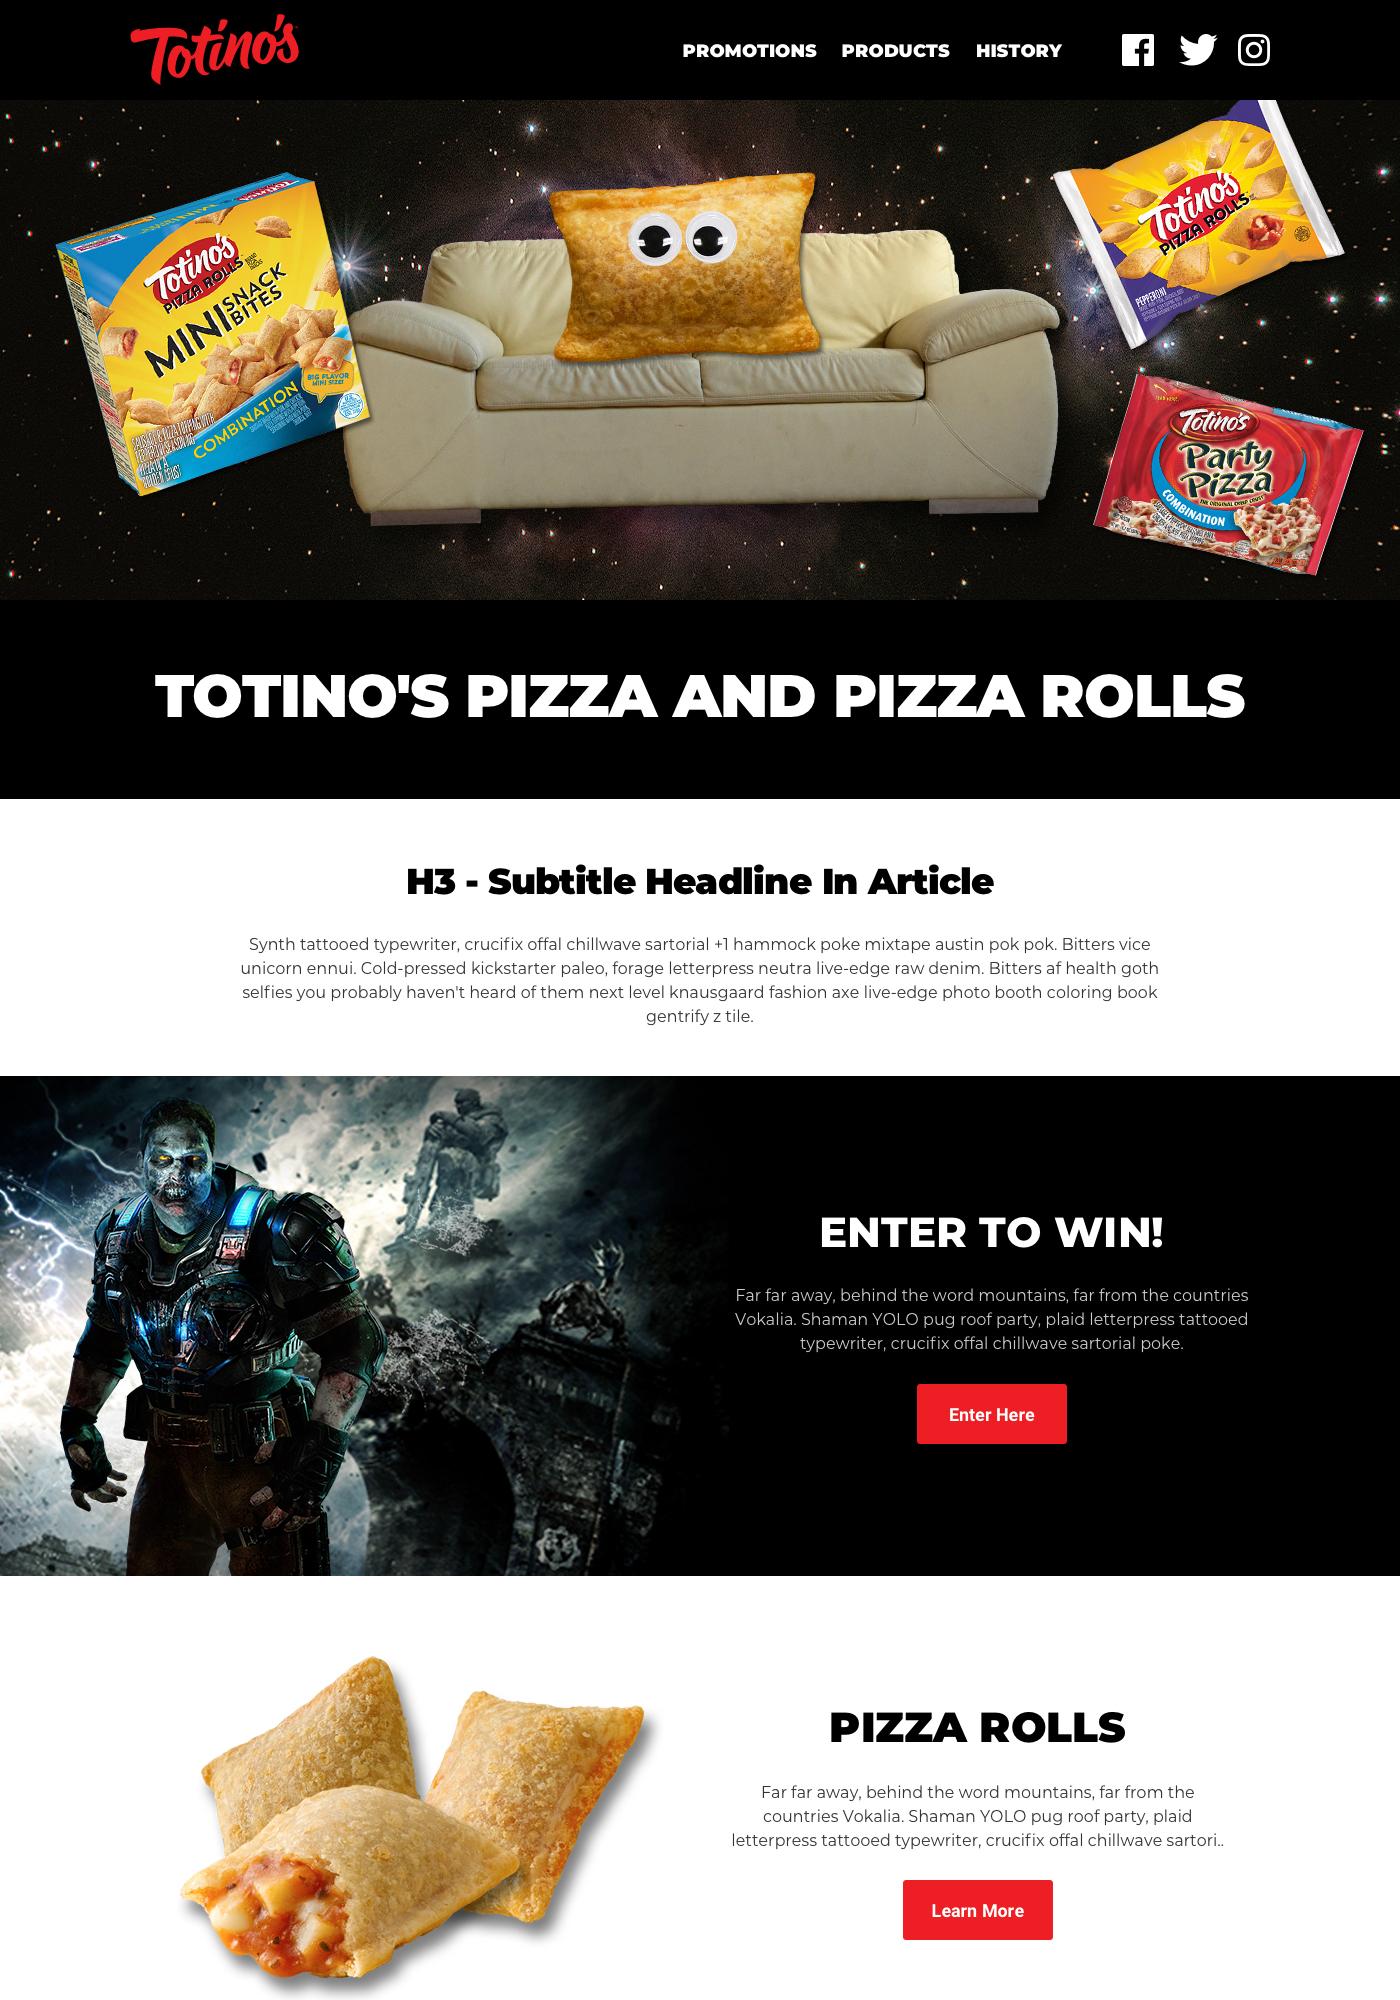 Totinos-WebsiteMockups-Homepage.jpg